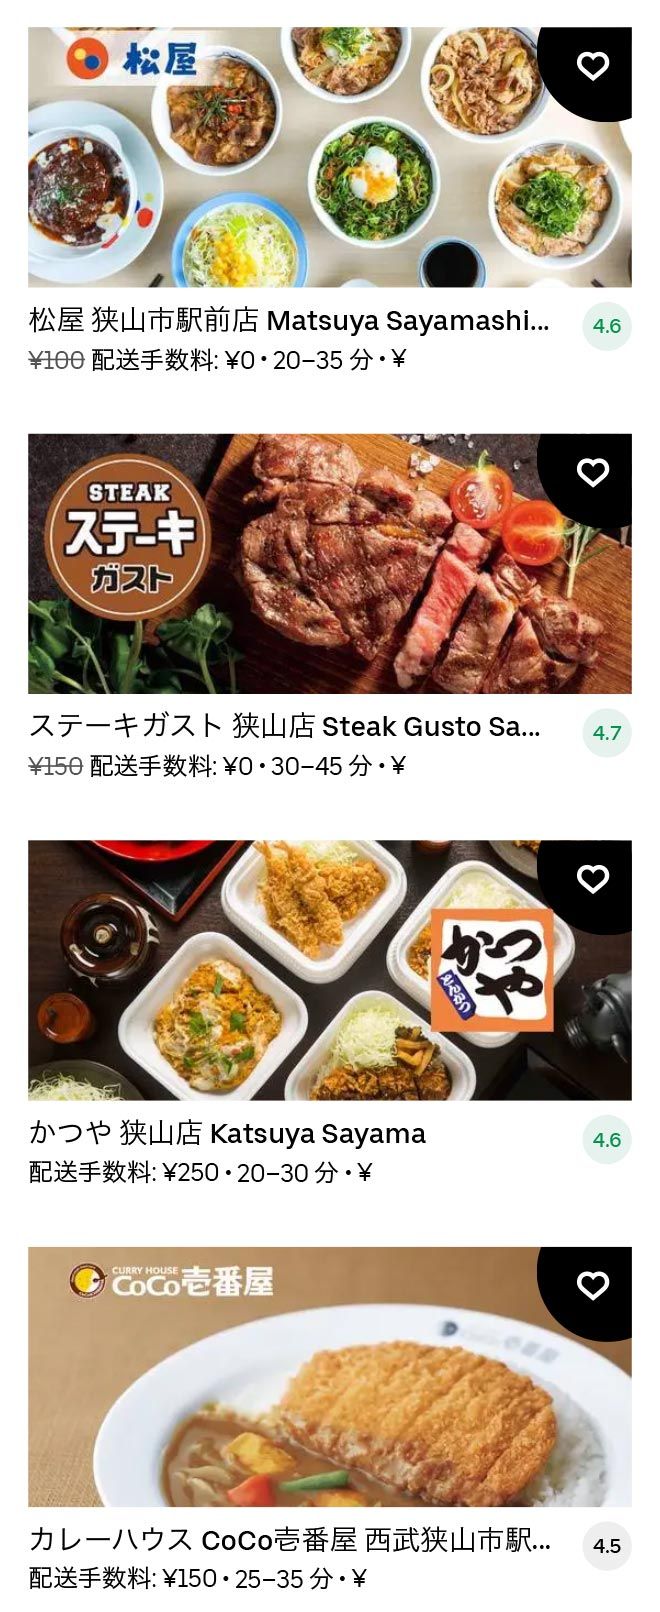 Sayama menu 2102 01